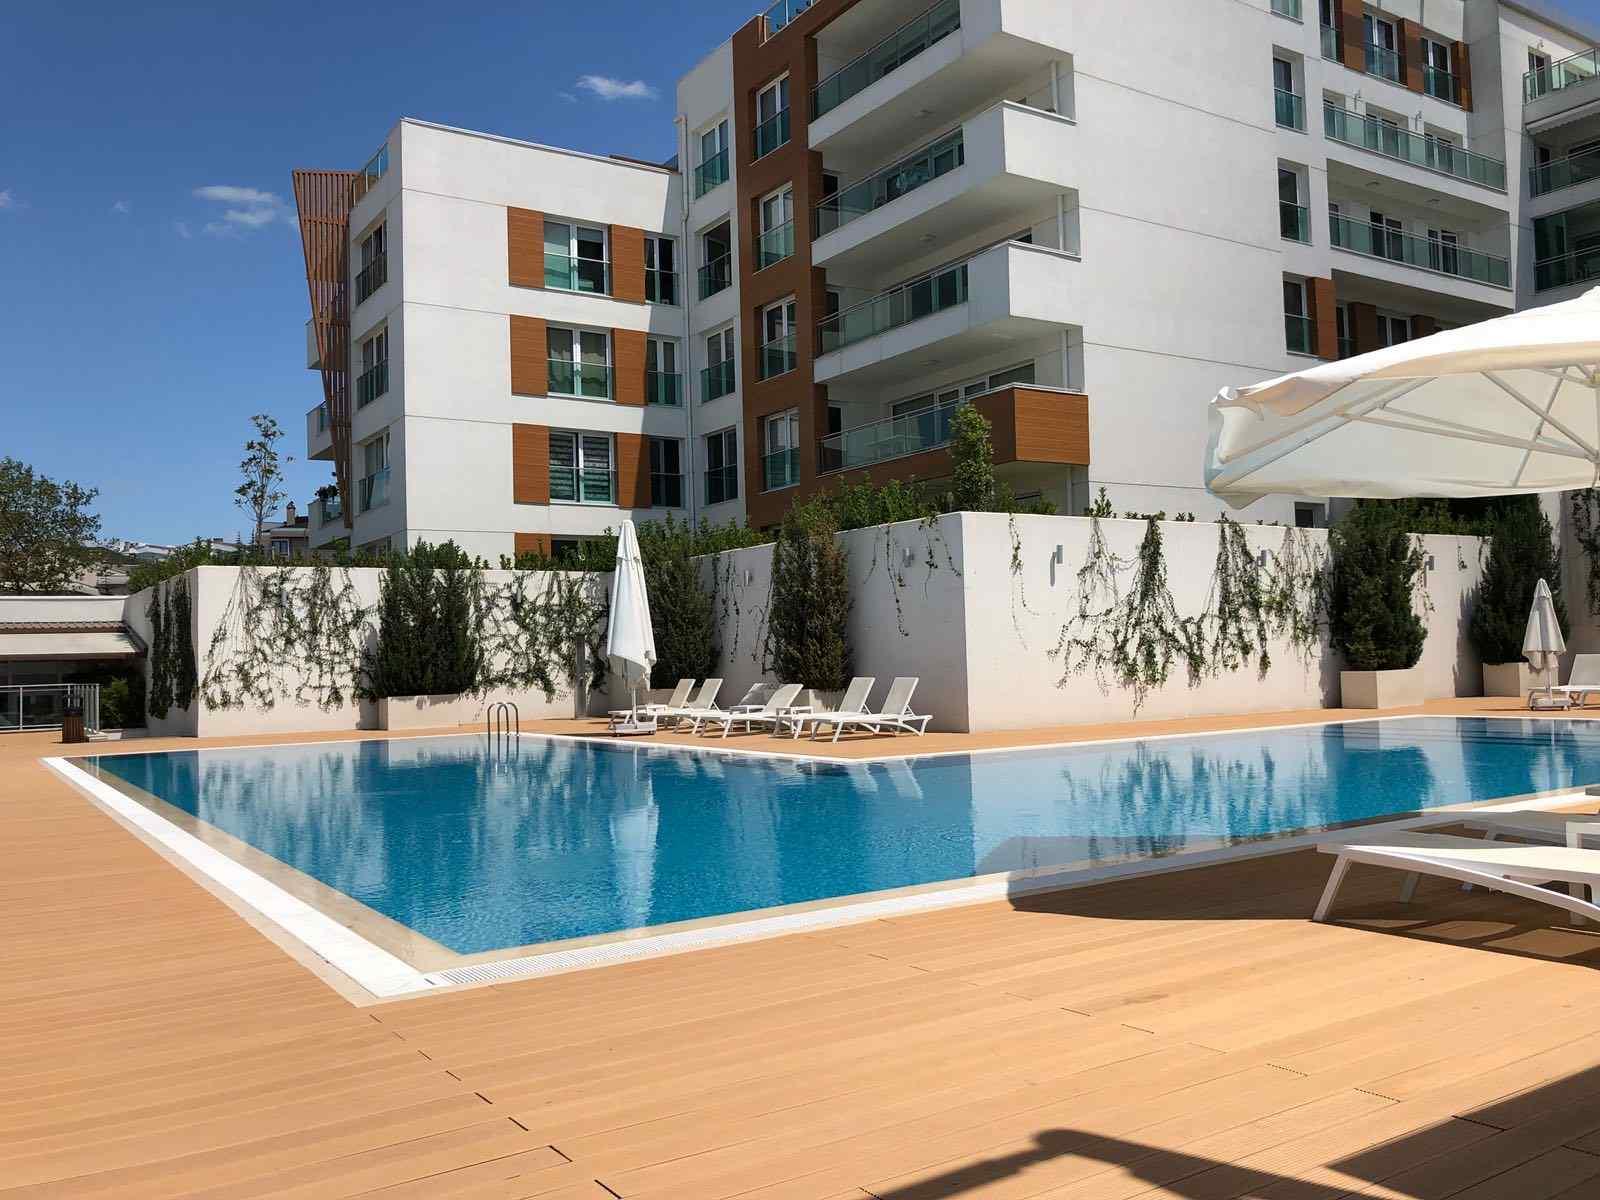 شقة رائعة وواسعة في بليك دوزو اطلالة على البحر 3+1